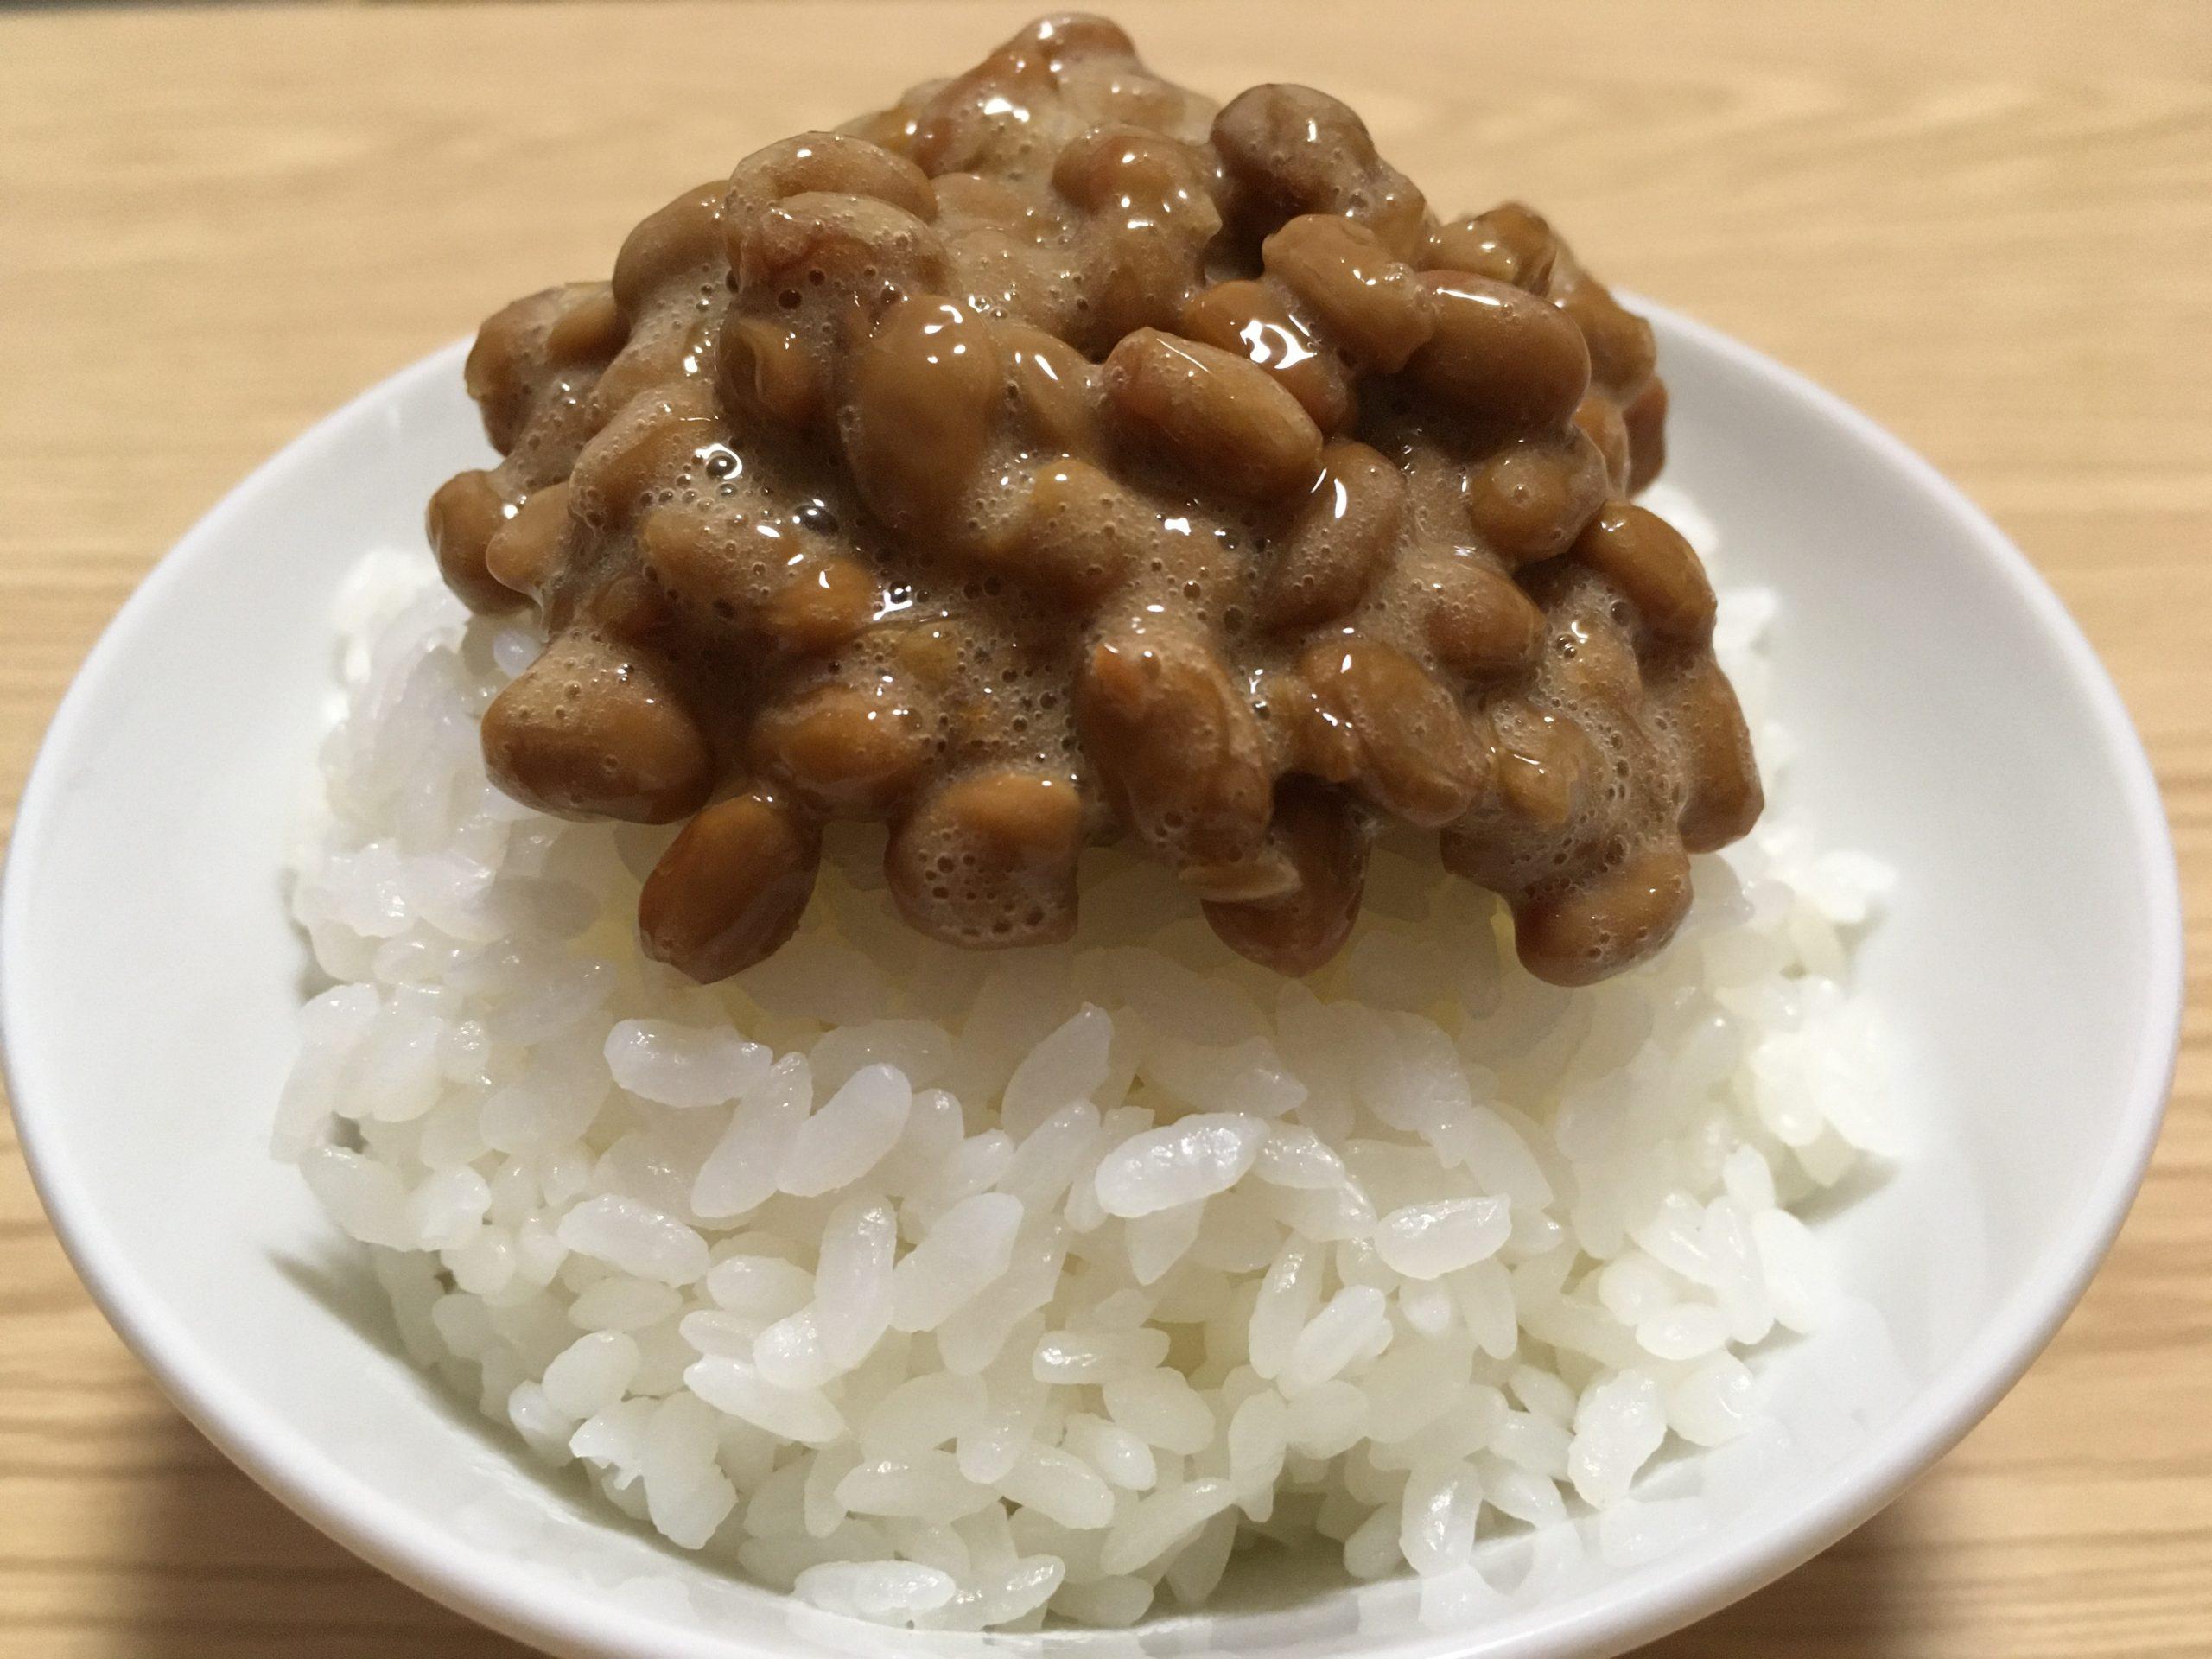 日本の国民食 -納豆-